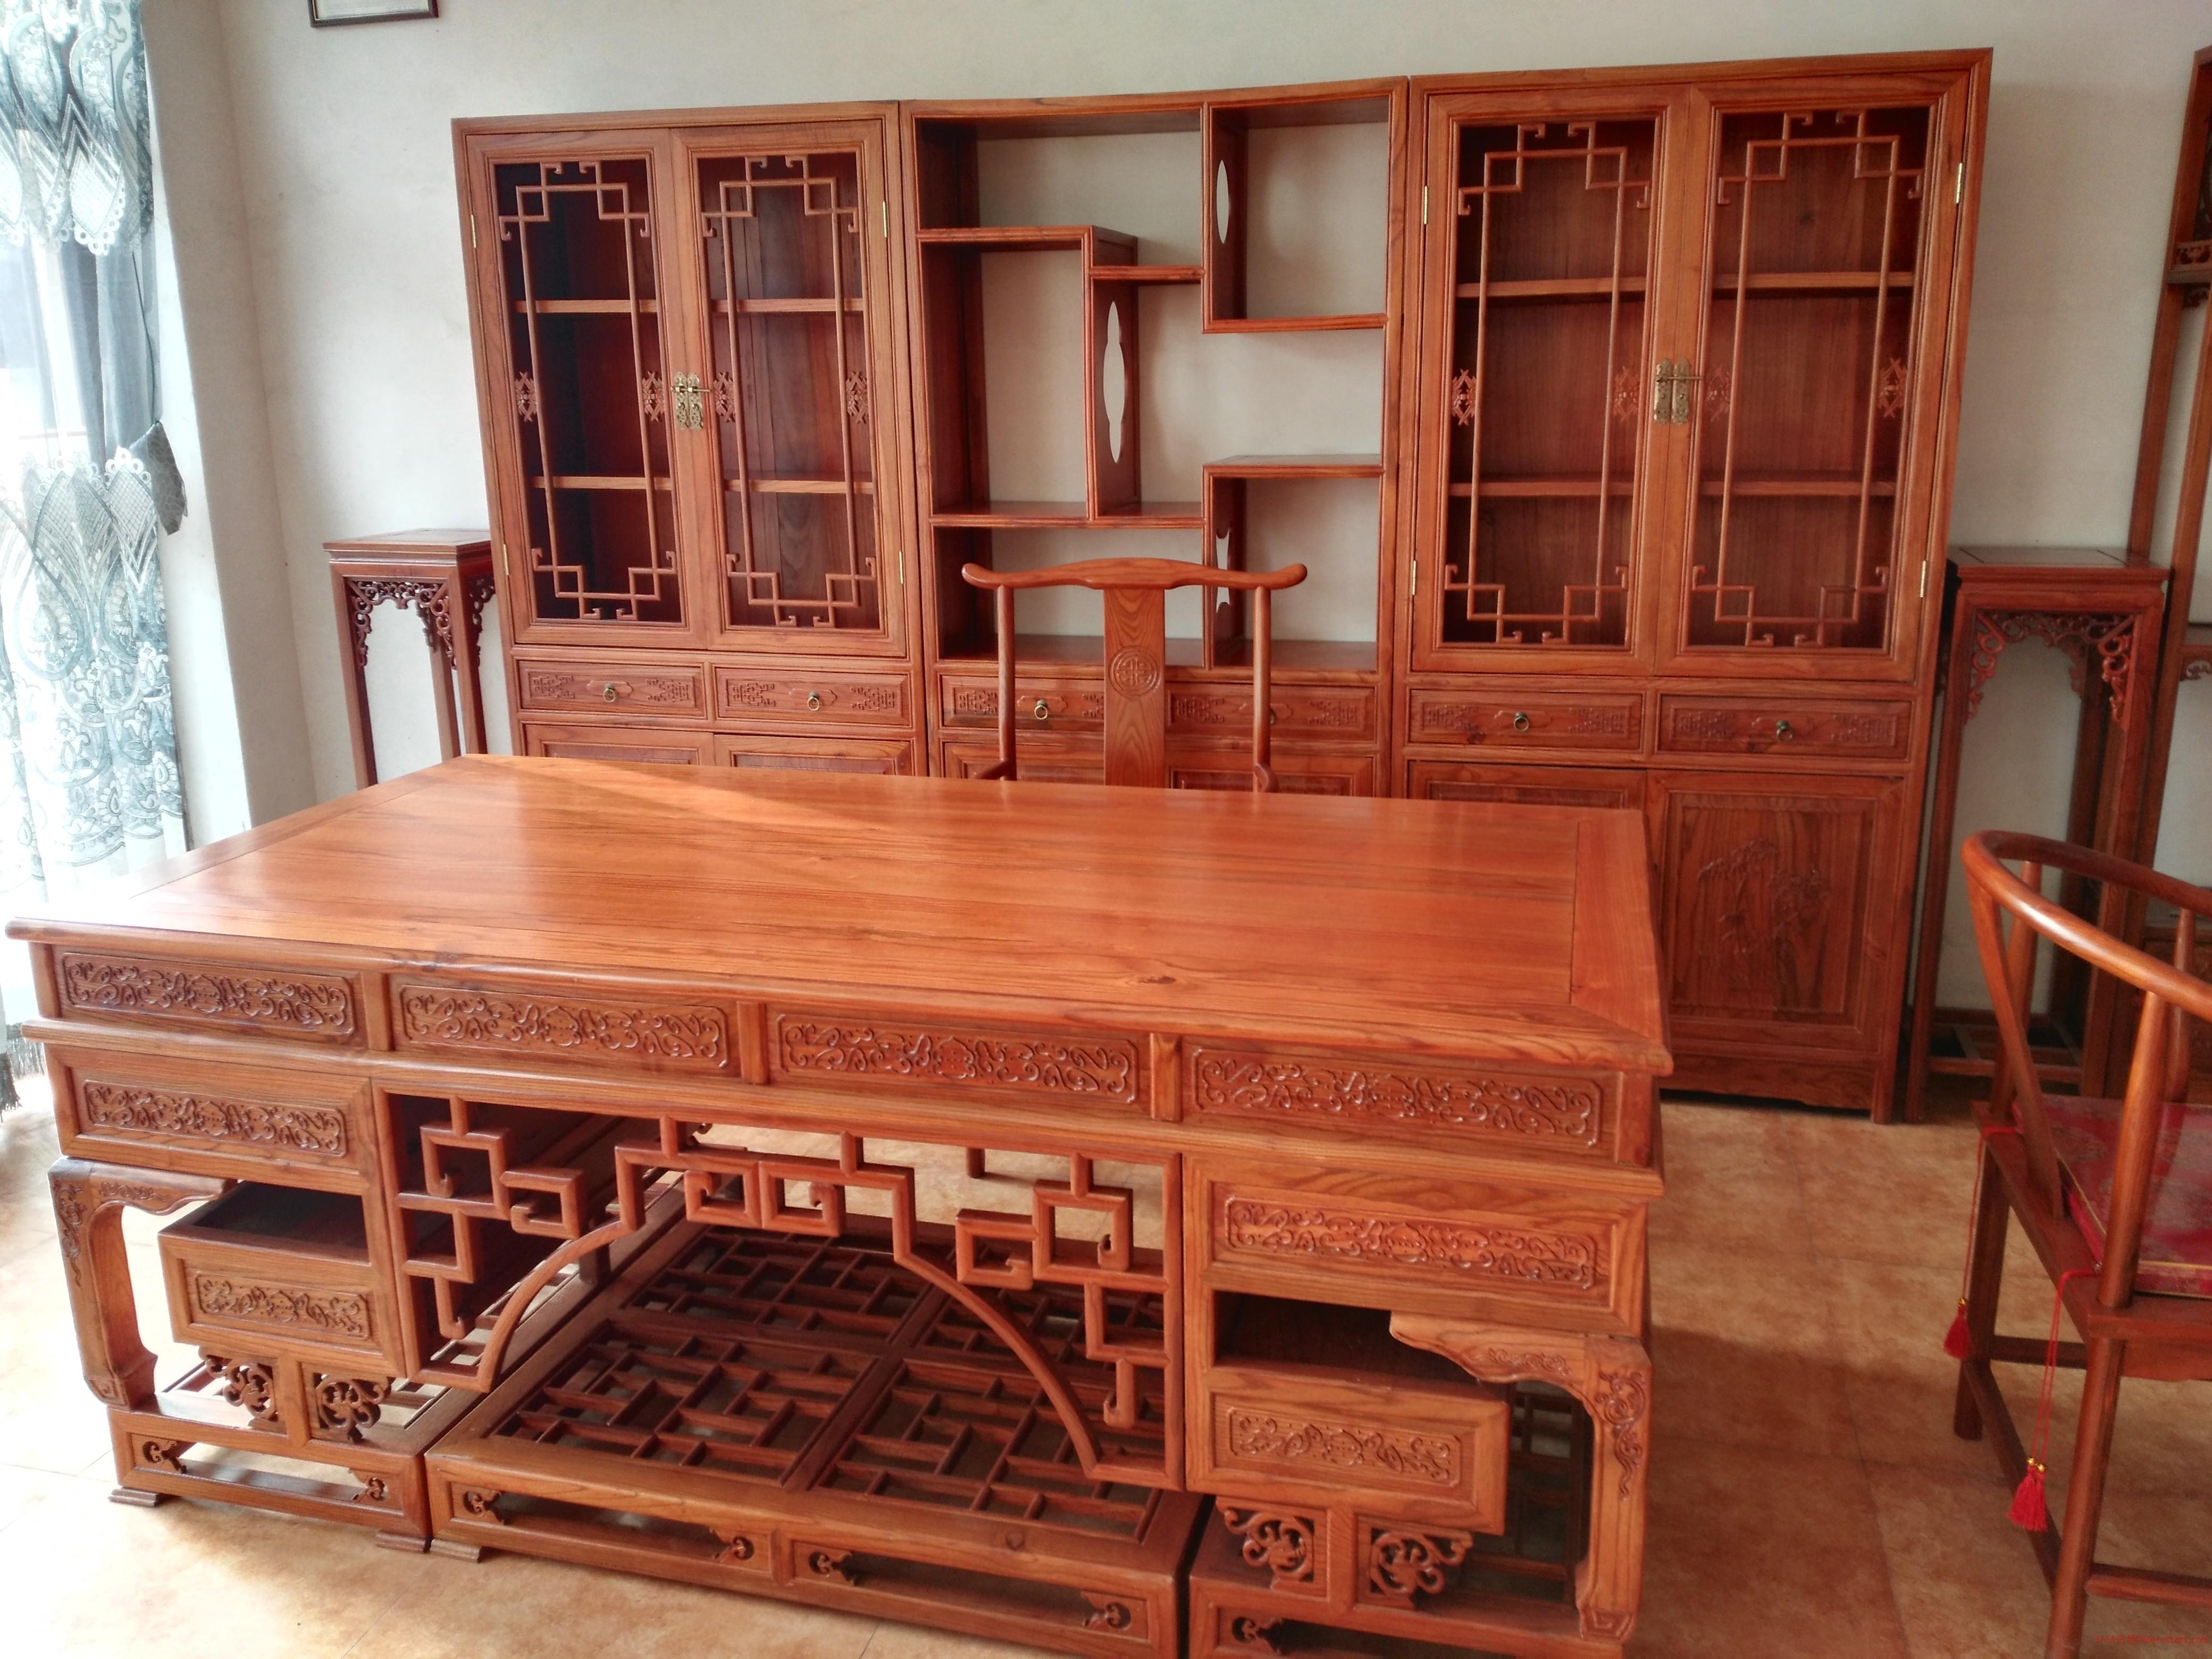 聚雅苑红木家具,天然奇石,木雕工艺品。